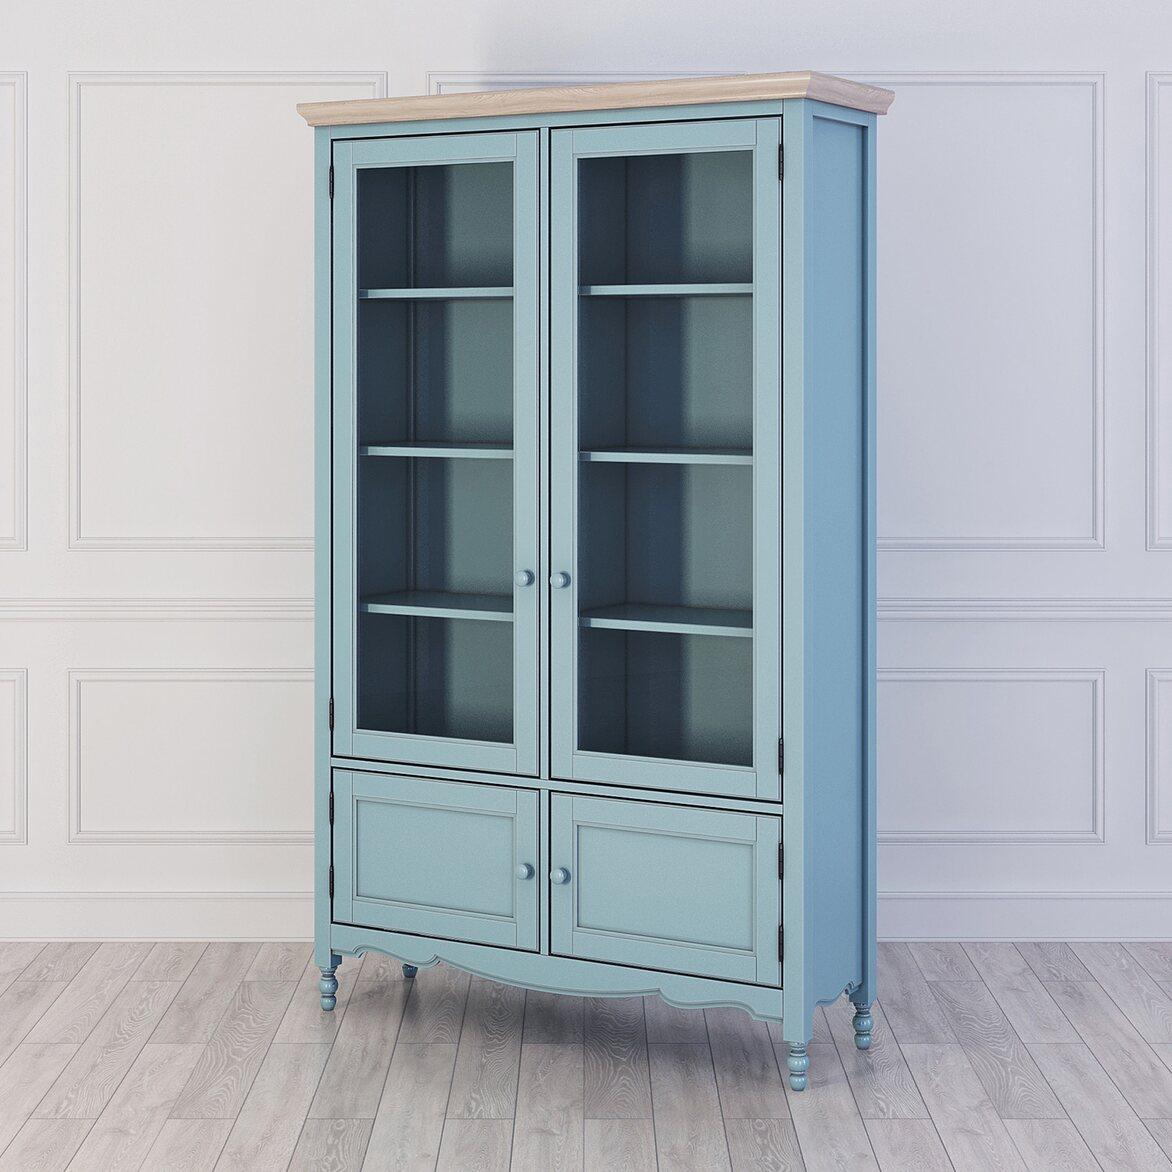 Библиотека Leblanc, голубая | Книжные шкафы Kingsby